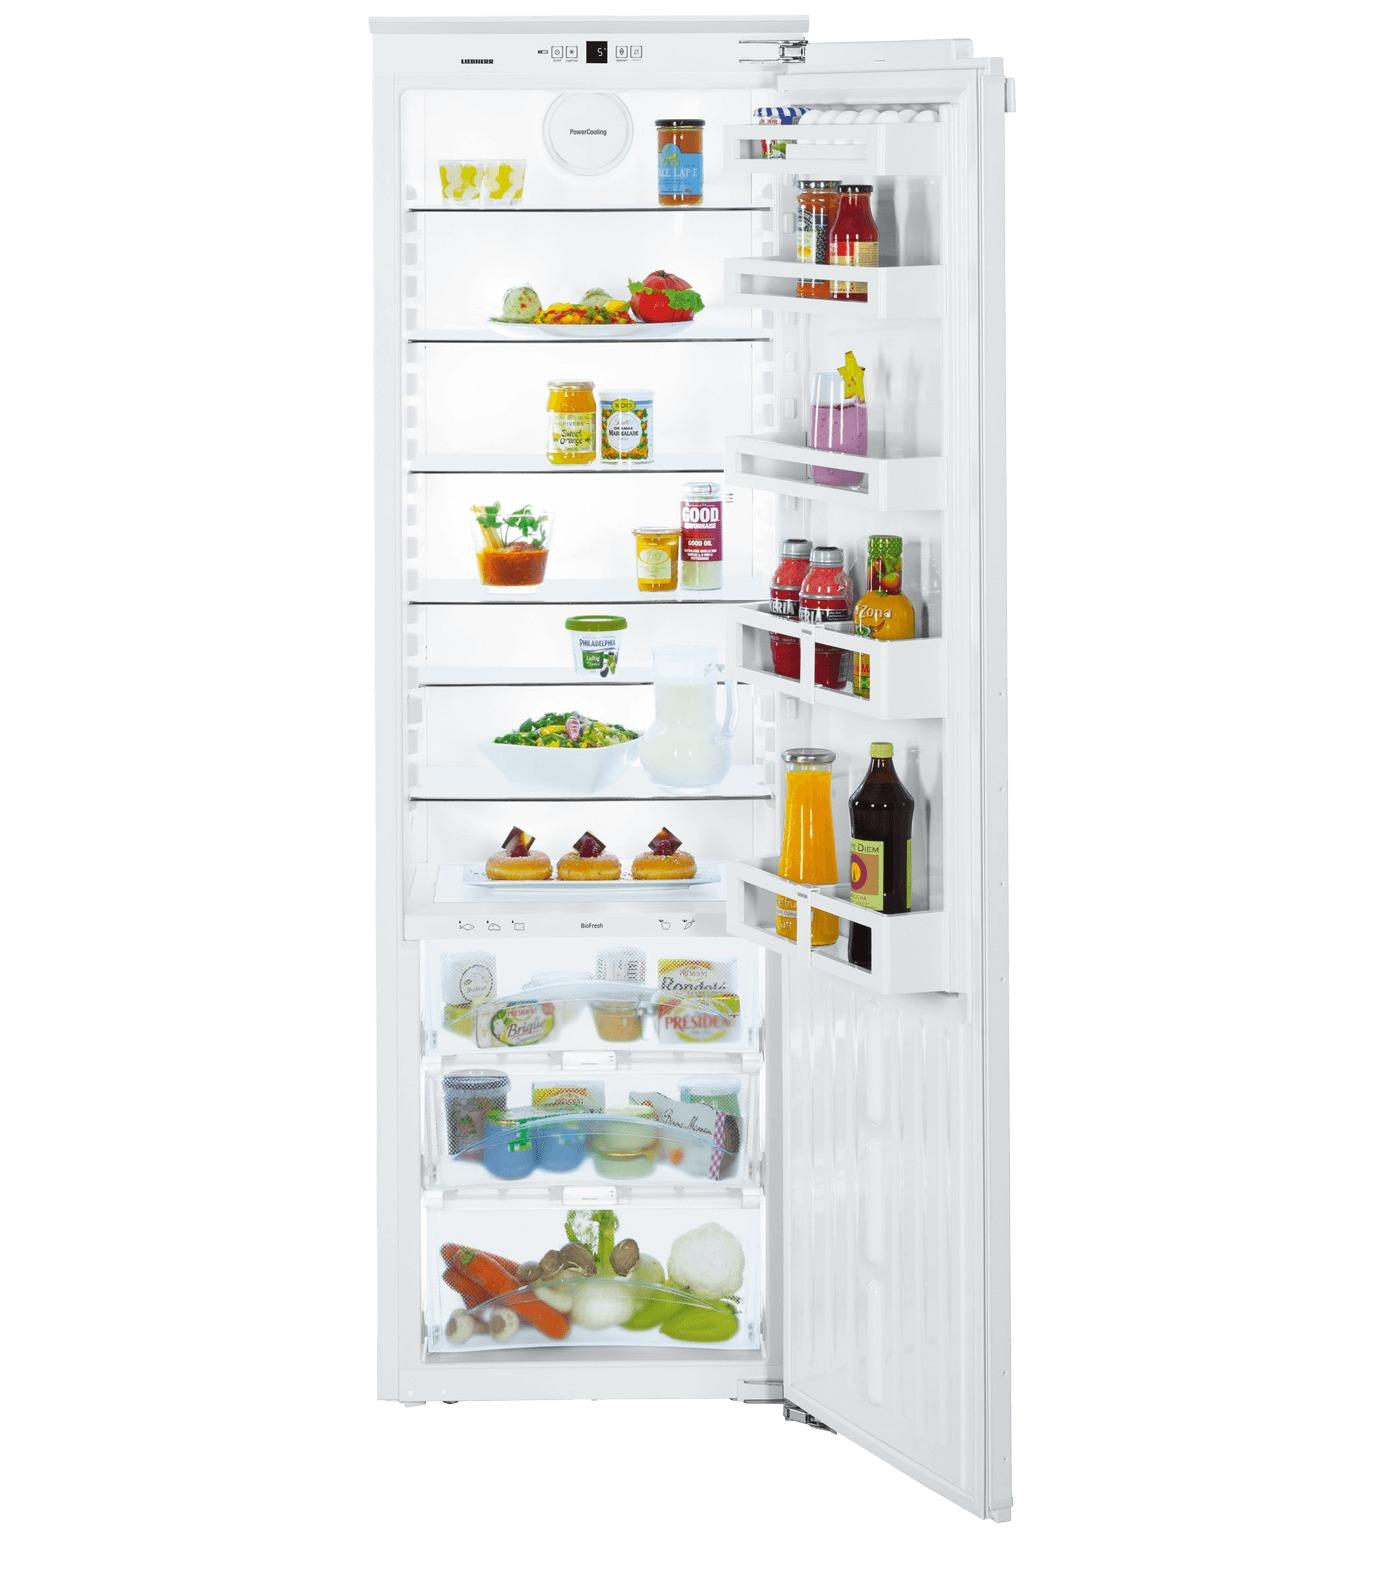 Liebherr IKB 3520-22 Inbouw koelkast - Prijsvergelijk